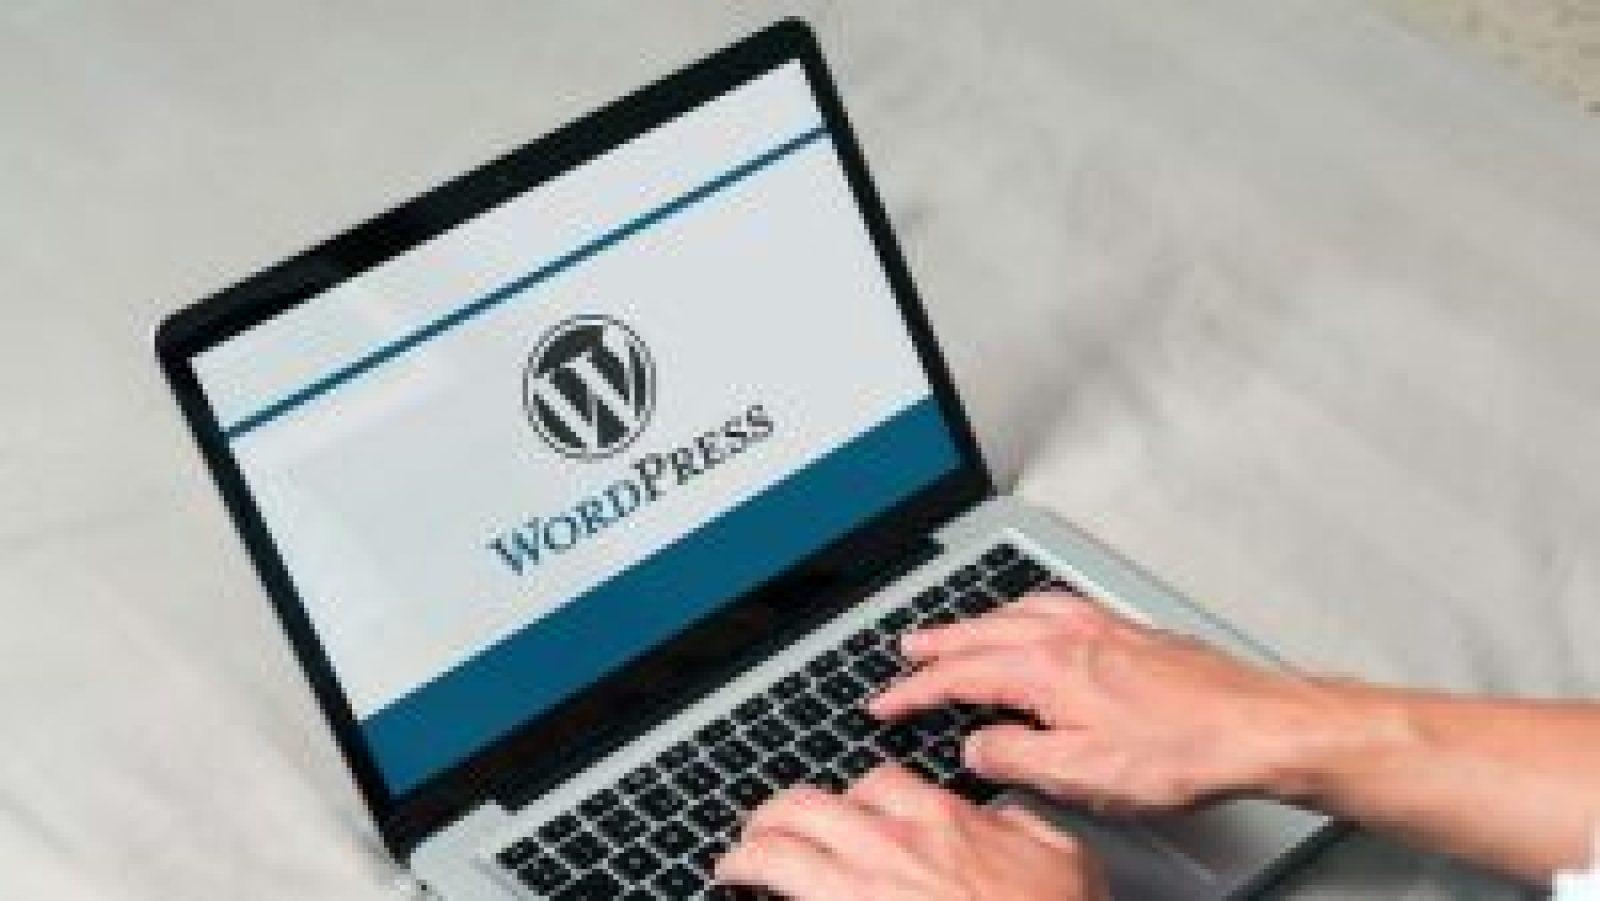 Virusarea site-urilor WordPress